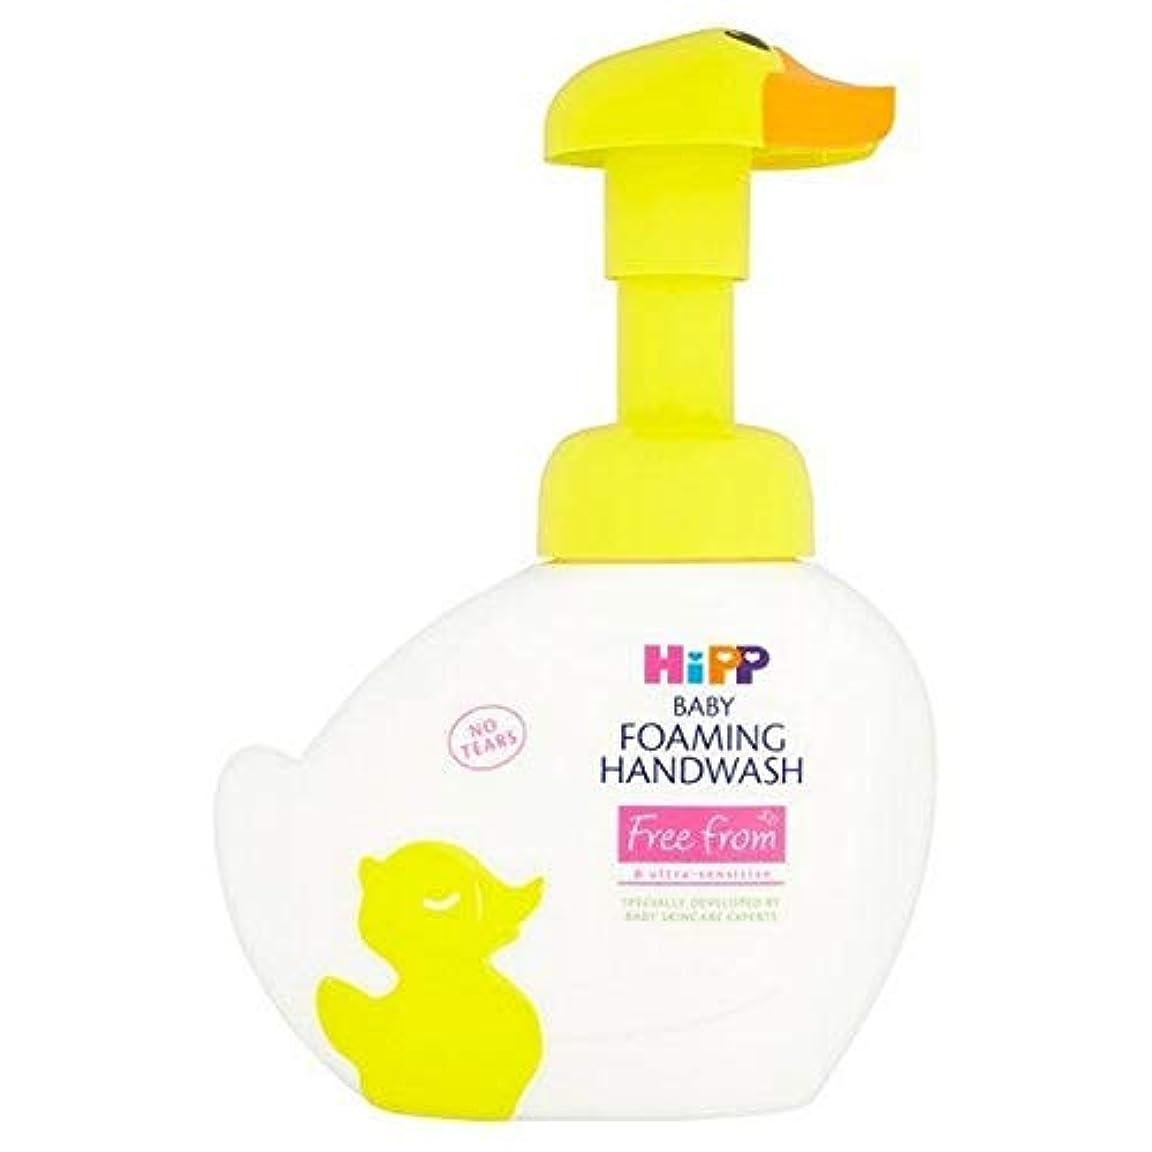 非アクティブネット対処する[Hipp ] ヒップ自由手洗いの250ミリリットルを発泡から - HiPP Free From Foaming Handwash 250ml [並行輸入品]